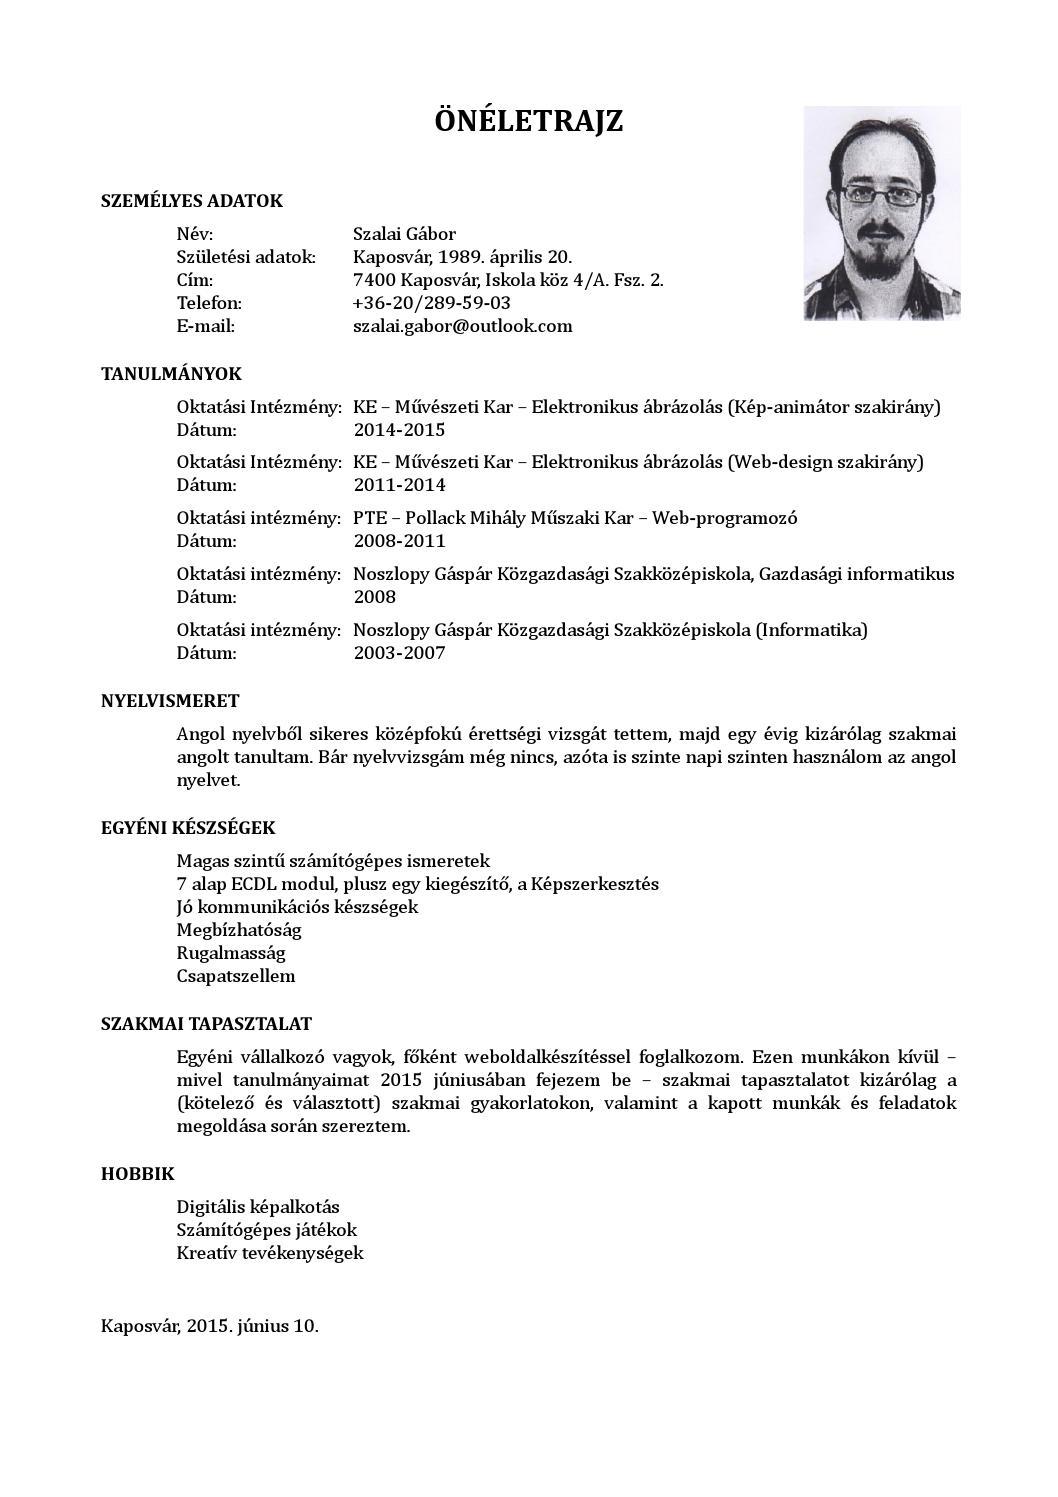 önéletrajz személyes készségek Szalai gabor oneletrajz 2015 by Szalai Gábor   issuu önéletrajz személyes készségek